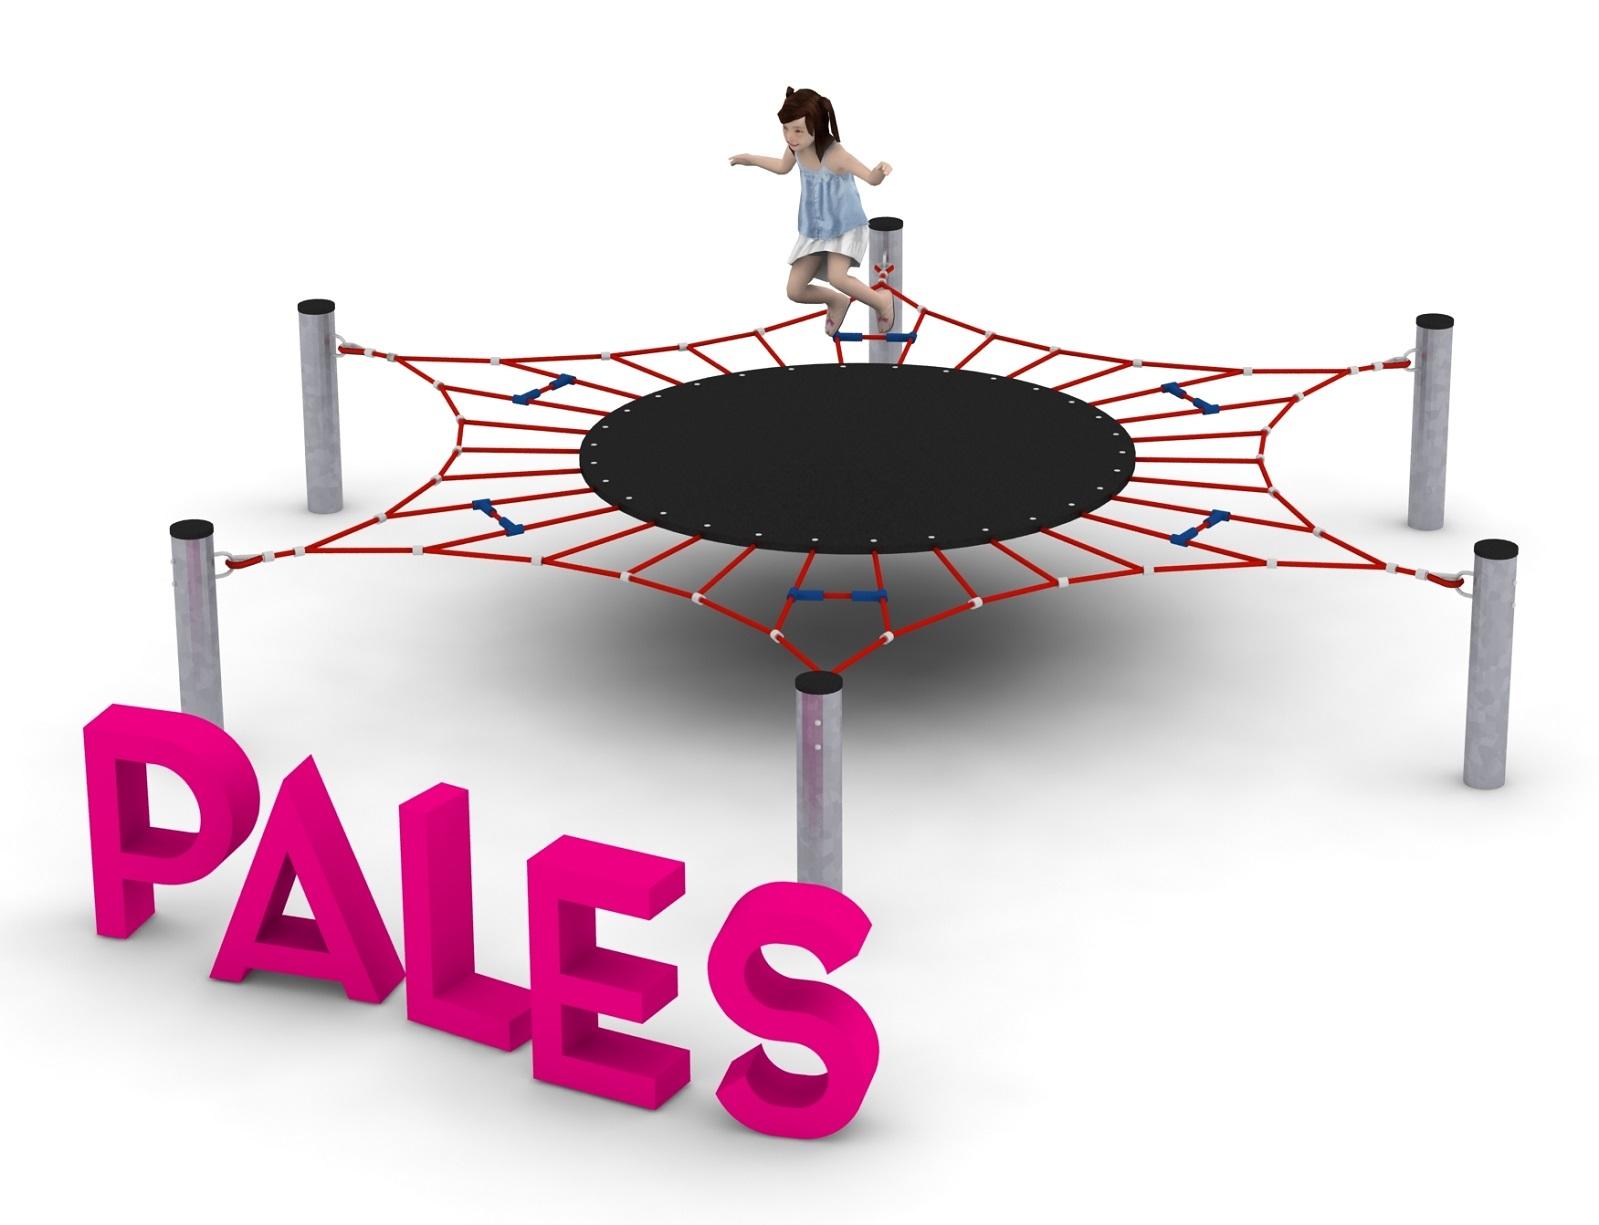 Pojedyncze urządzenie linowe Pales dla placów zabaw - Magicnets